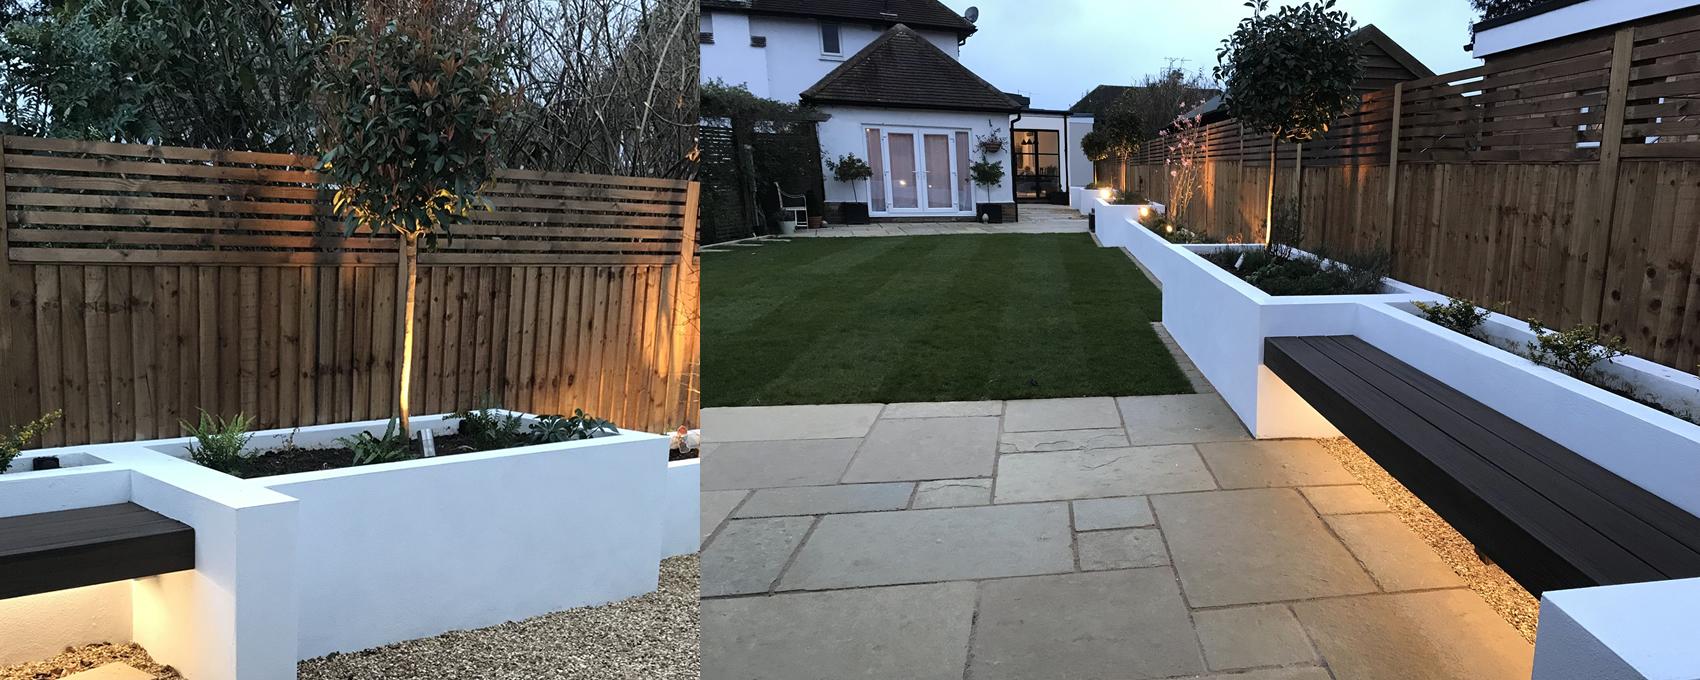 Garden Landscaping Amp Design Hertfordshire Herts Amp Beds